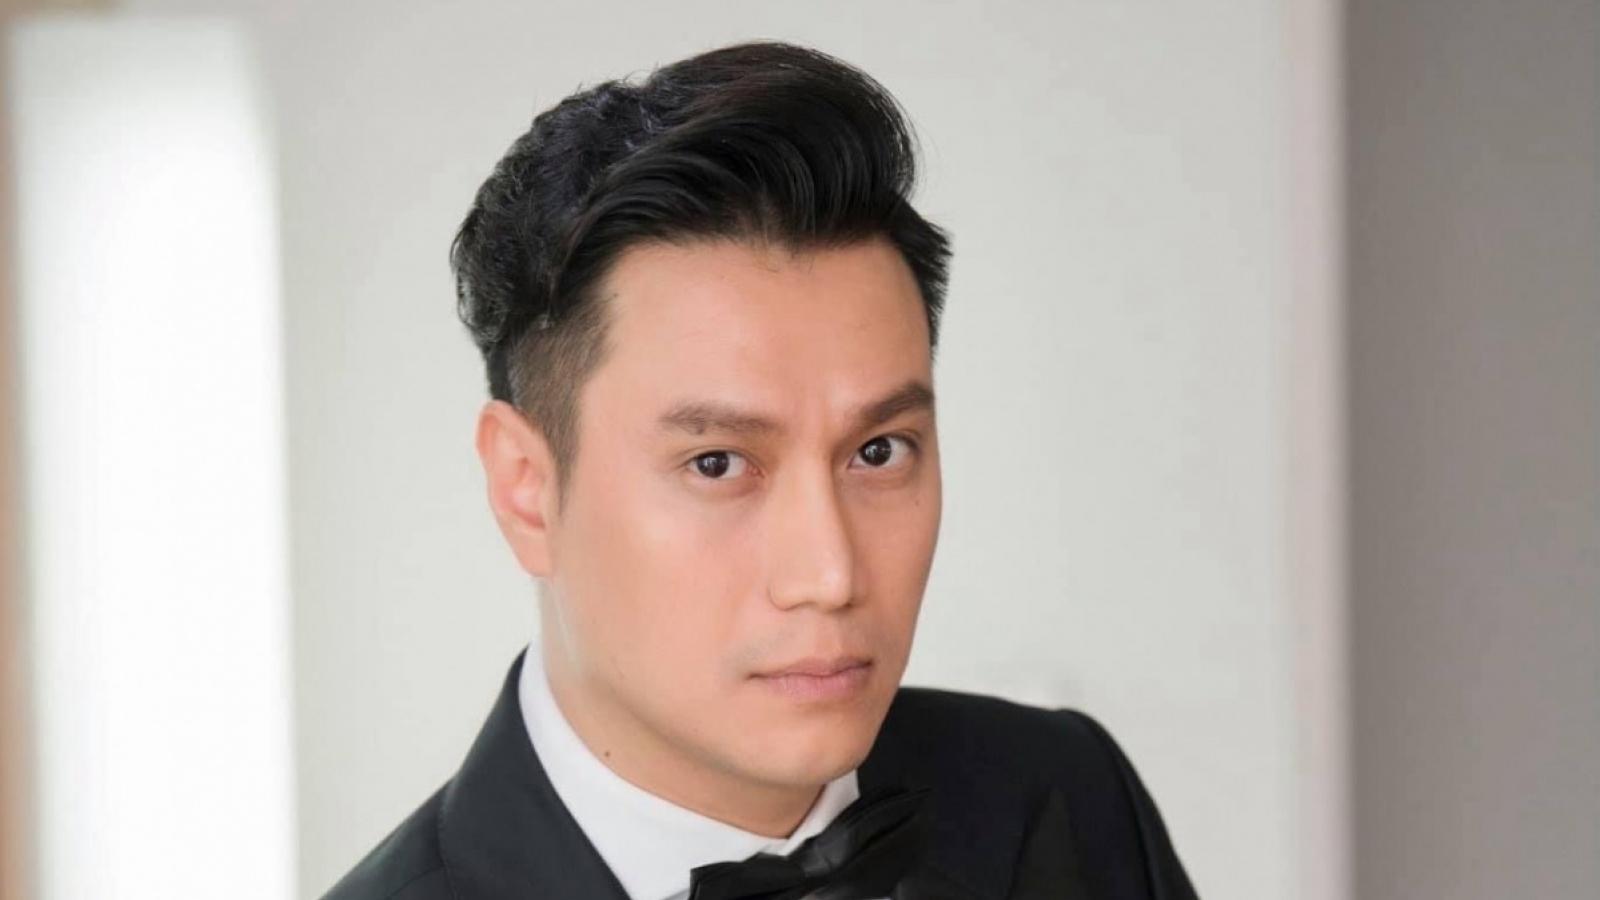 Diễn viên Việt Anh hạnh phúc khi có tên trong danh sách đề cử VTV Awards